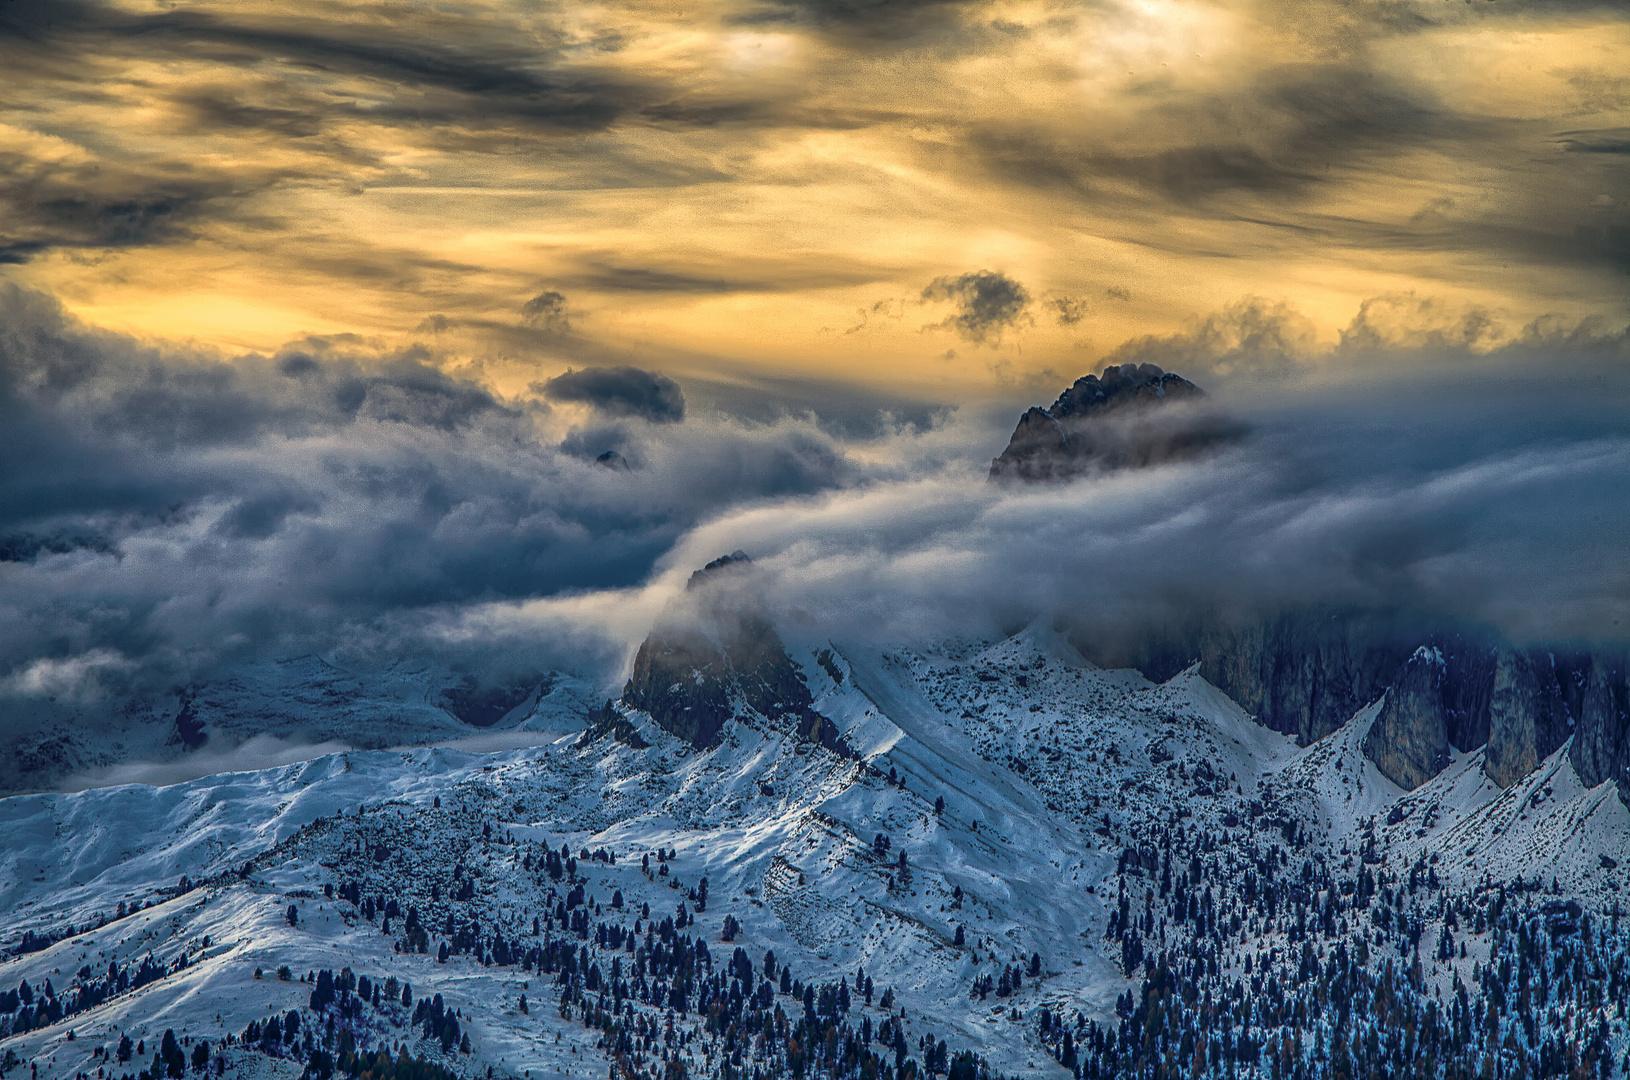 Von Wolken umhüllt